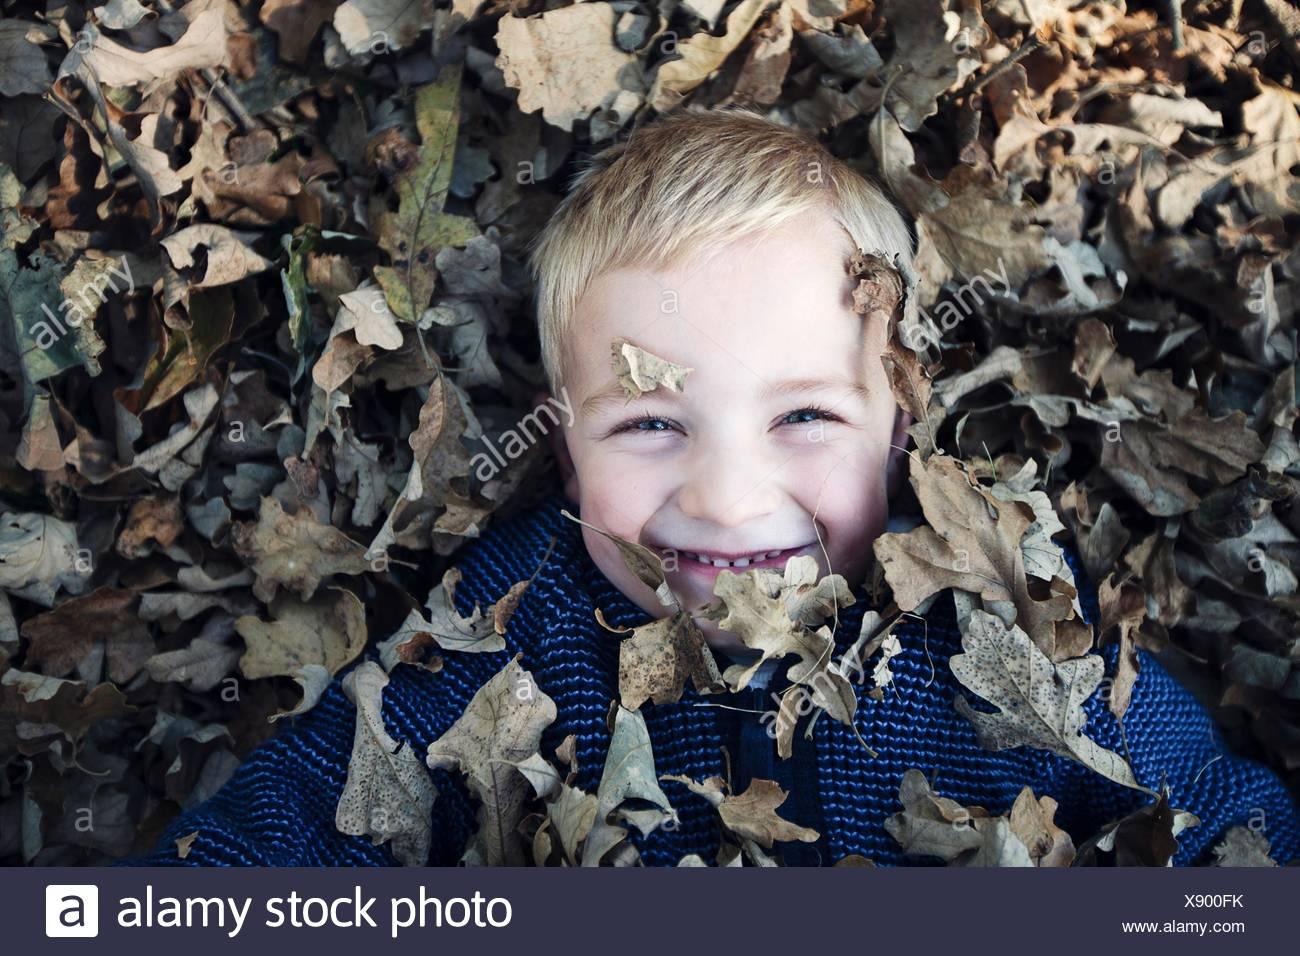 Vista aérea del niño acostado cubierto de hojas de otoño mirando a la cámara sonriendo Imagen De Stock